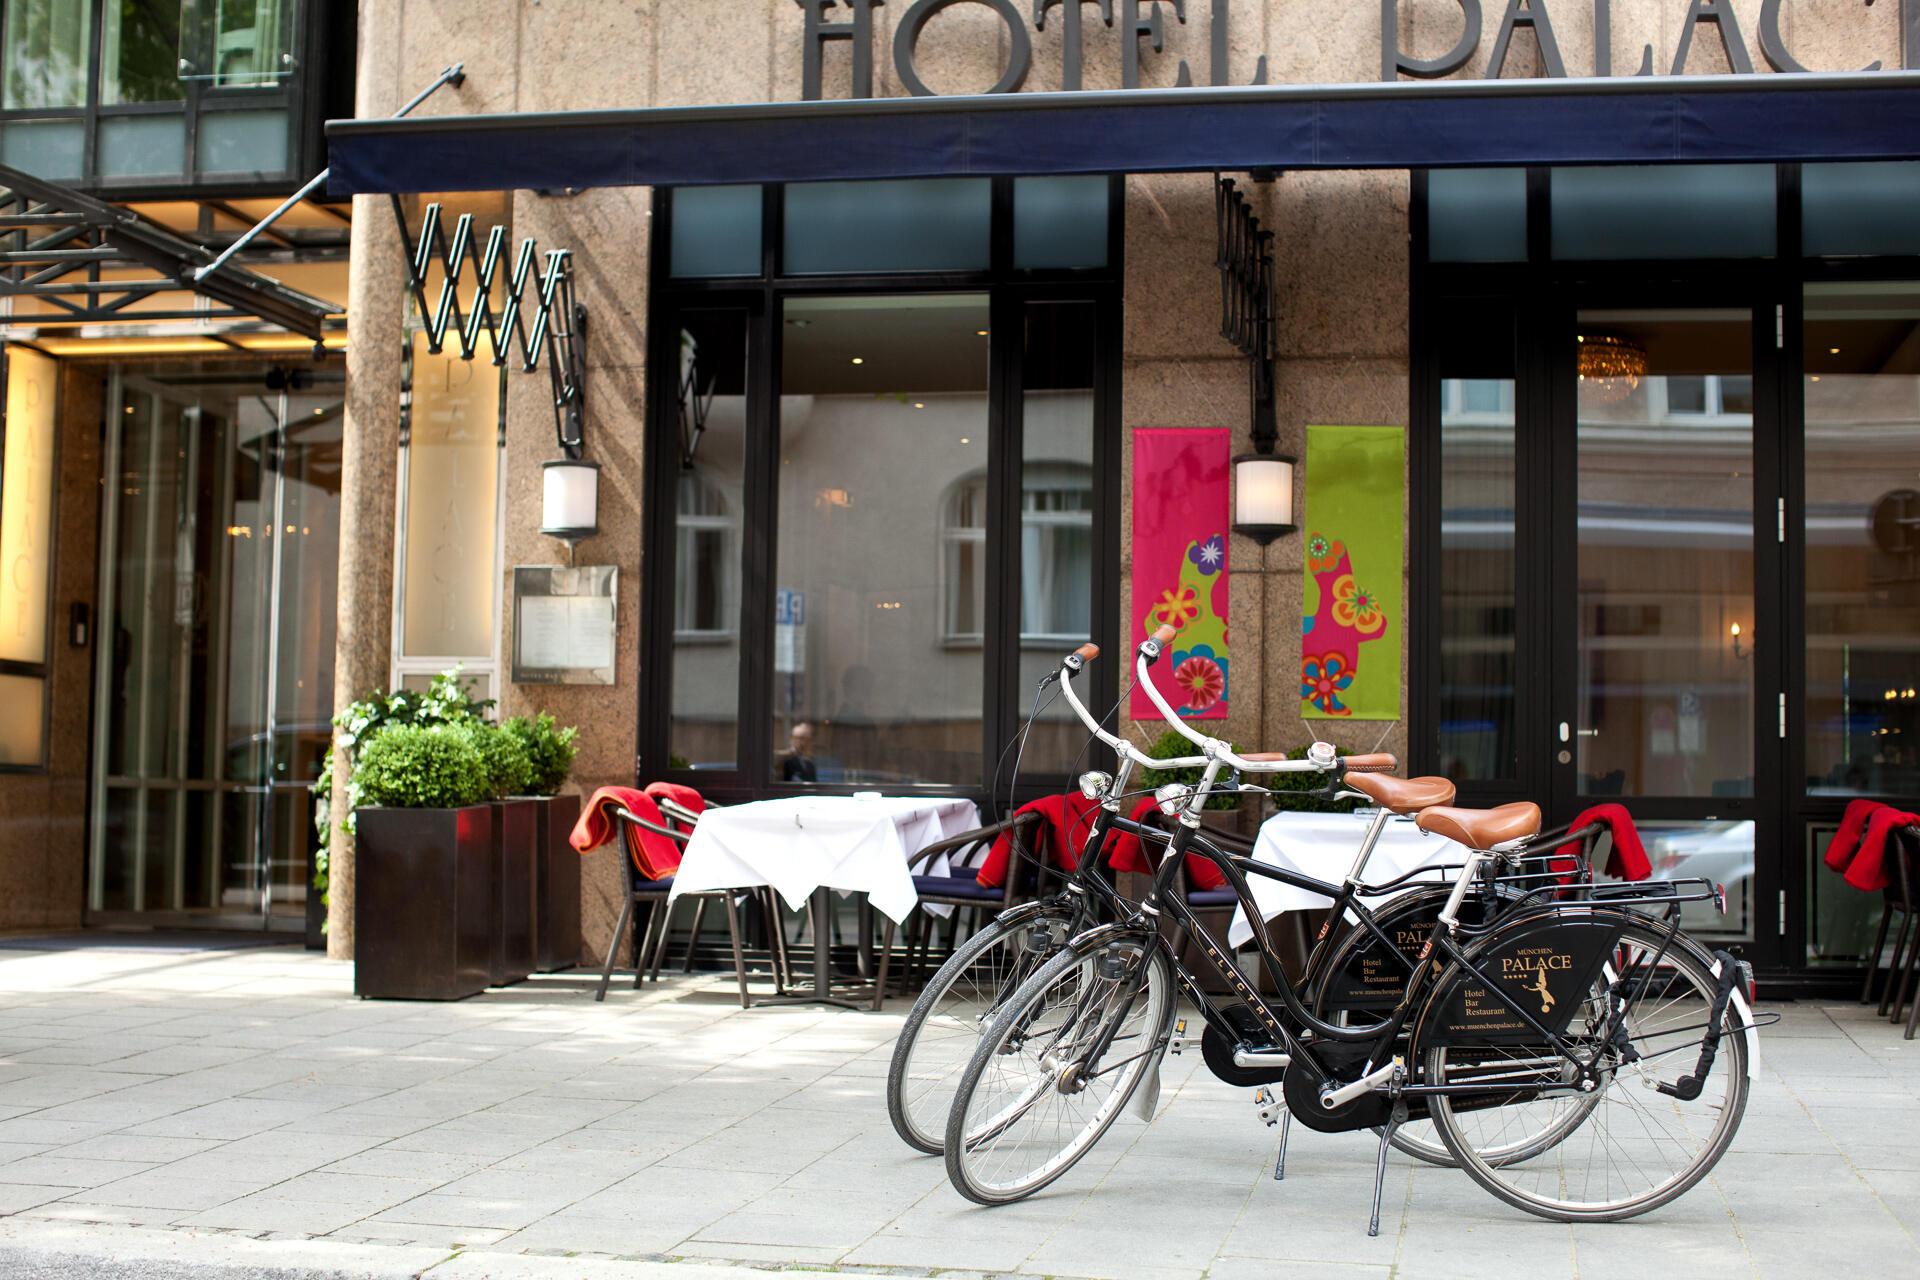 Biking with Hotel Palace Munich